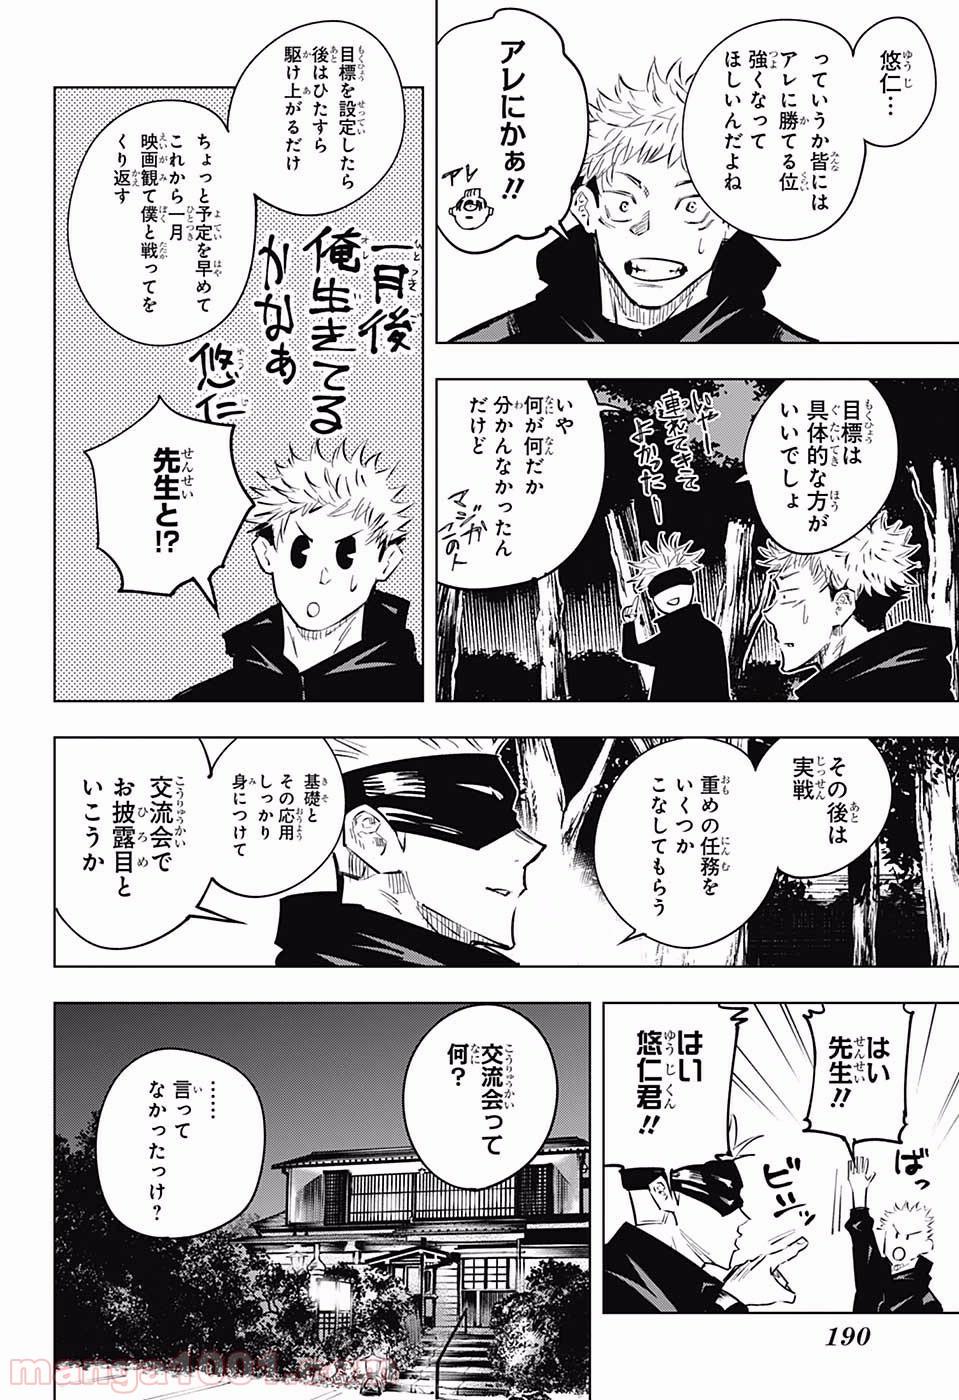 呪術廻戦 – Raw 【第16話】 – Manga Raw